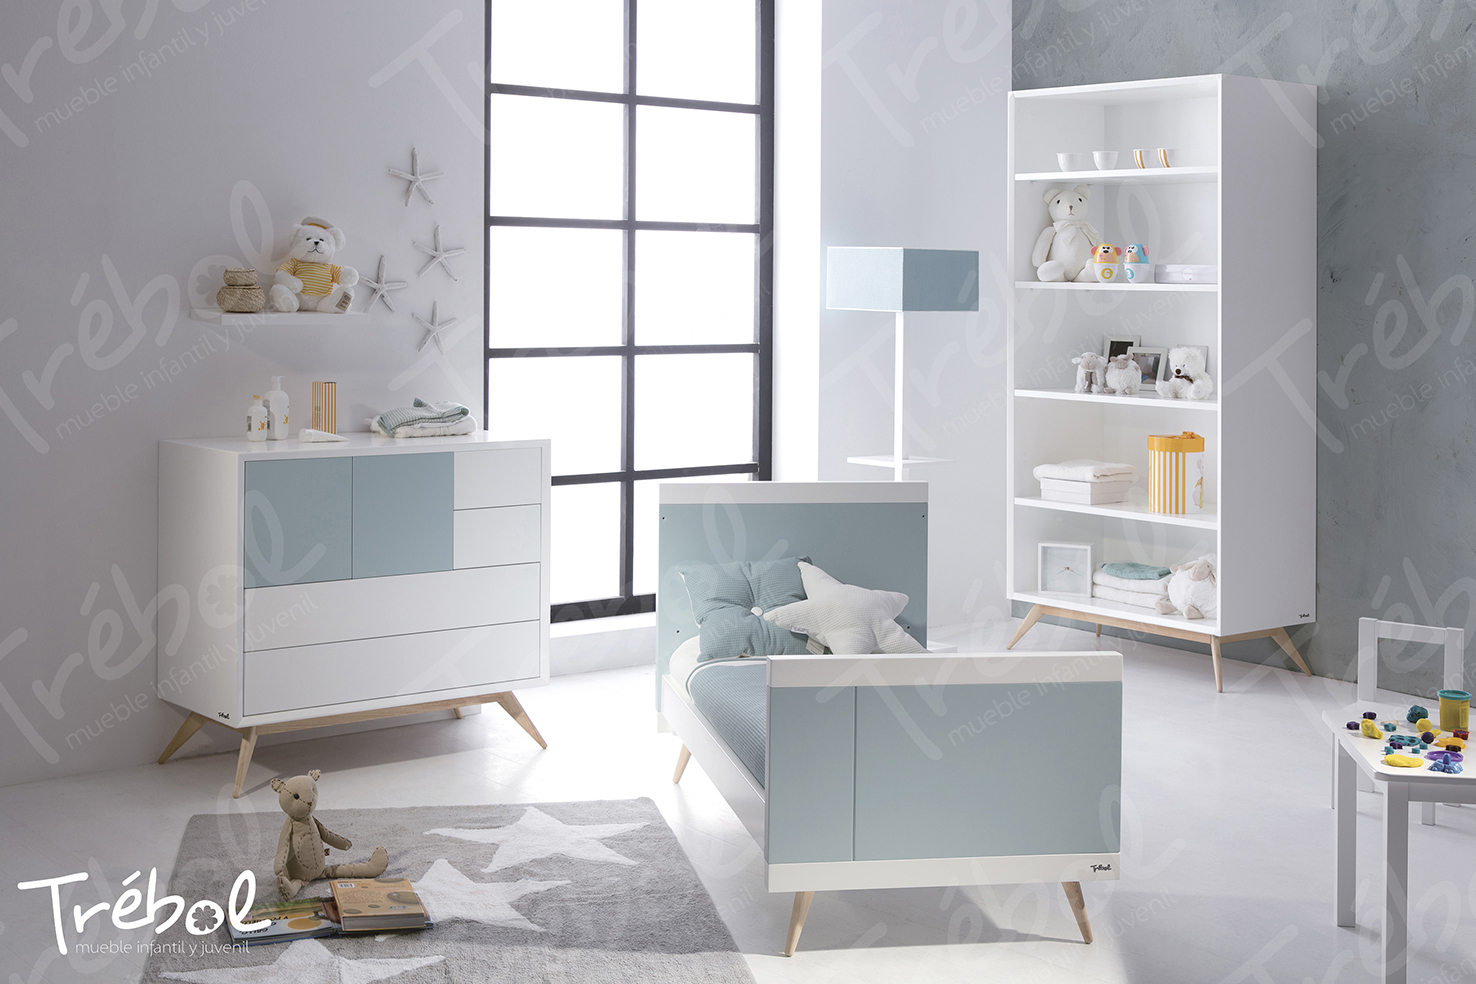 Infantil 16 tr bol mobiliario tienda decoraci n valencia interiorismo valencia - Mobiliario infantil valencia ...